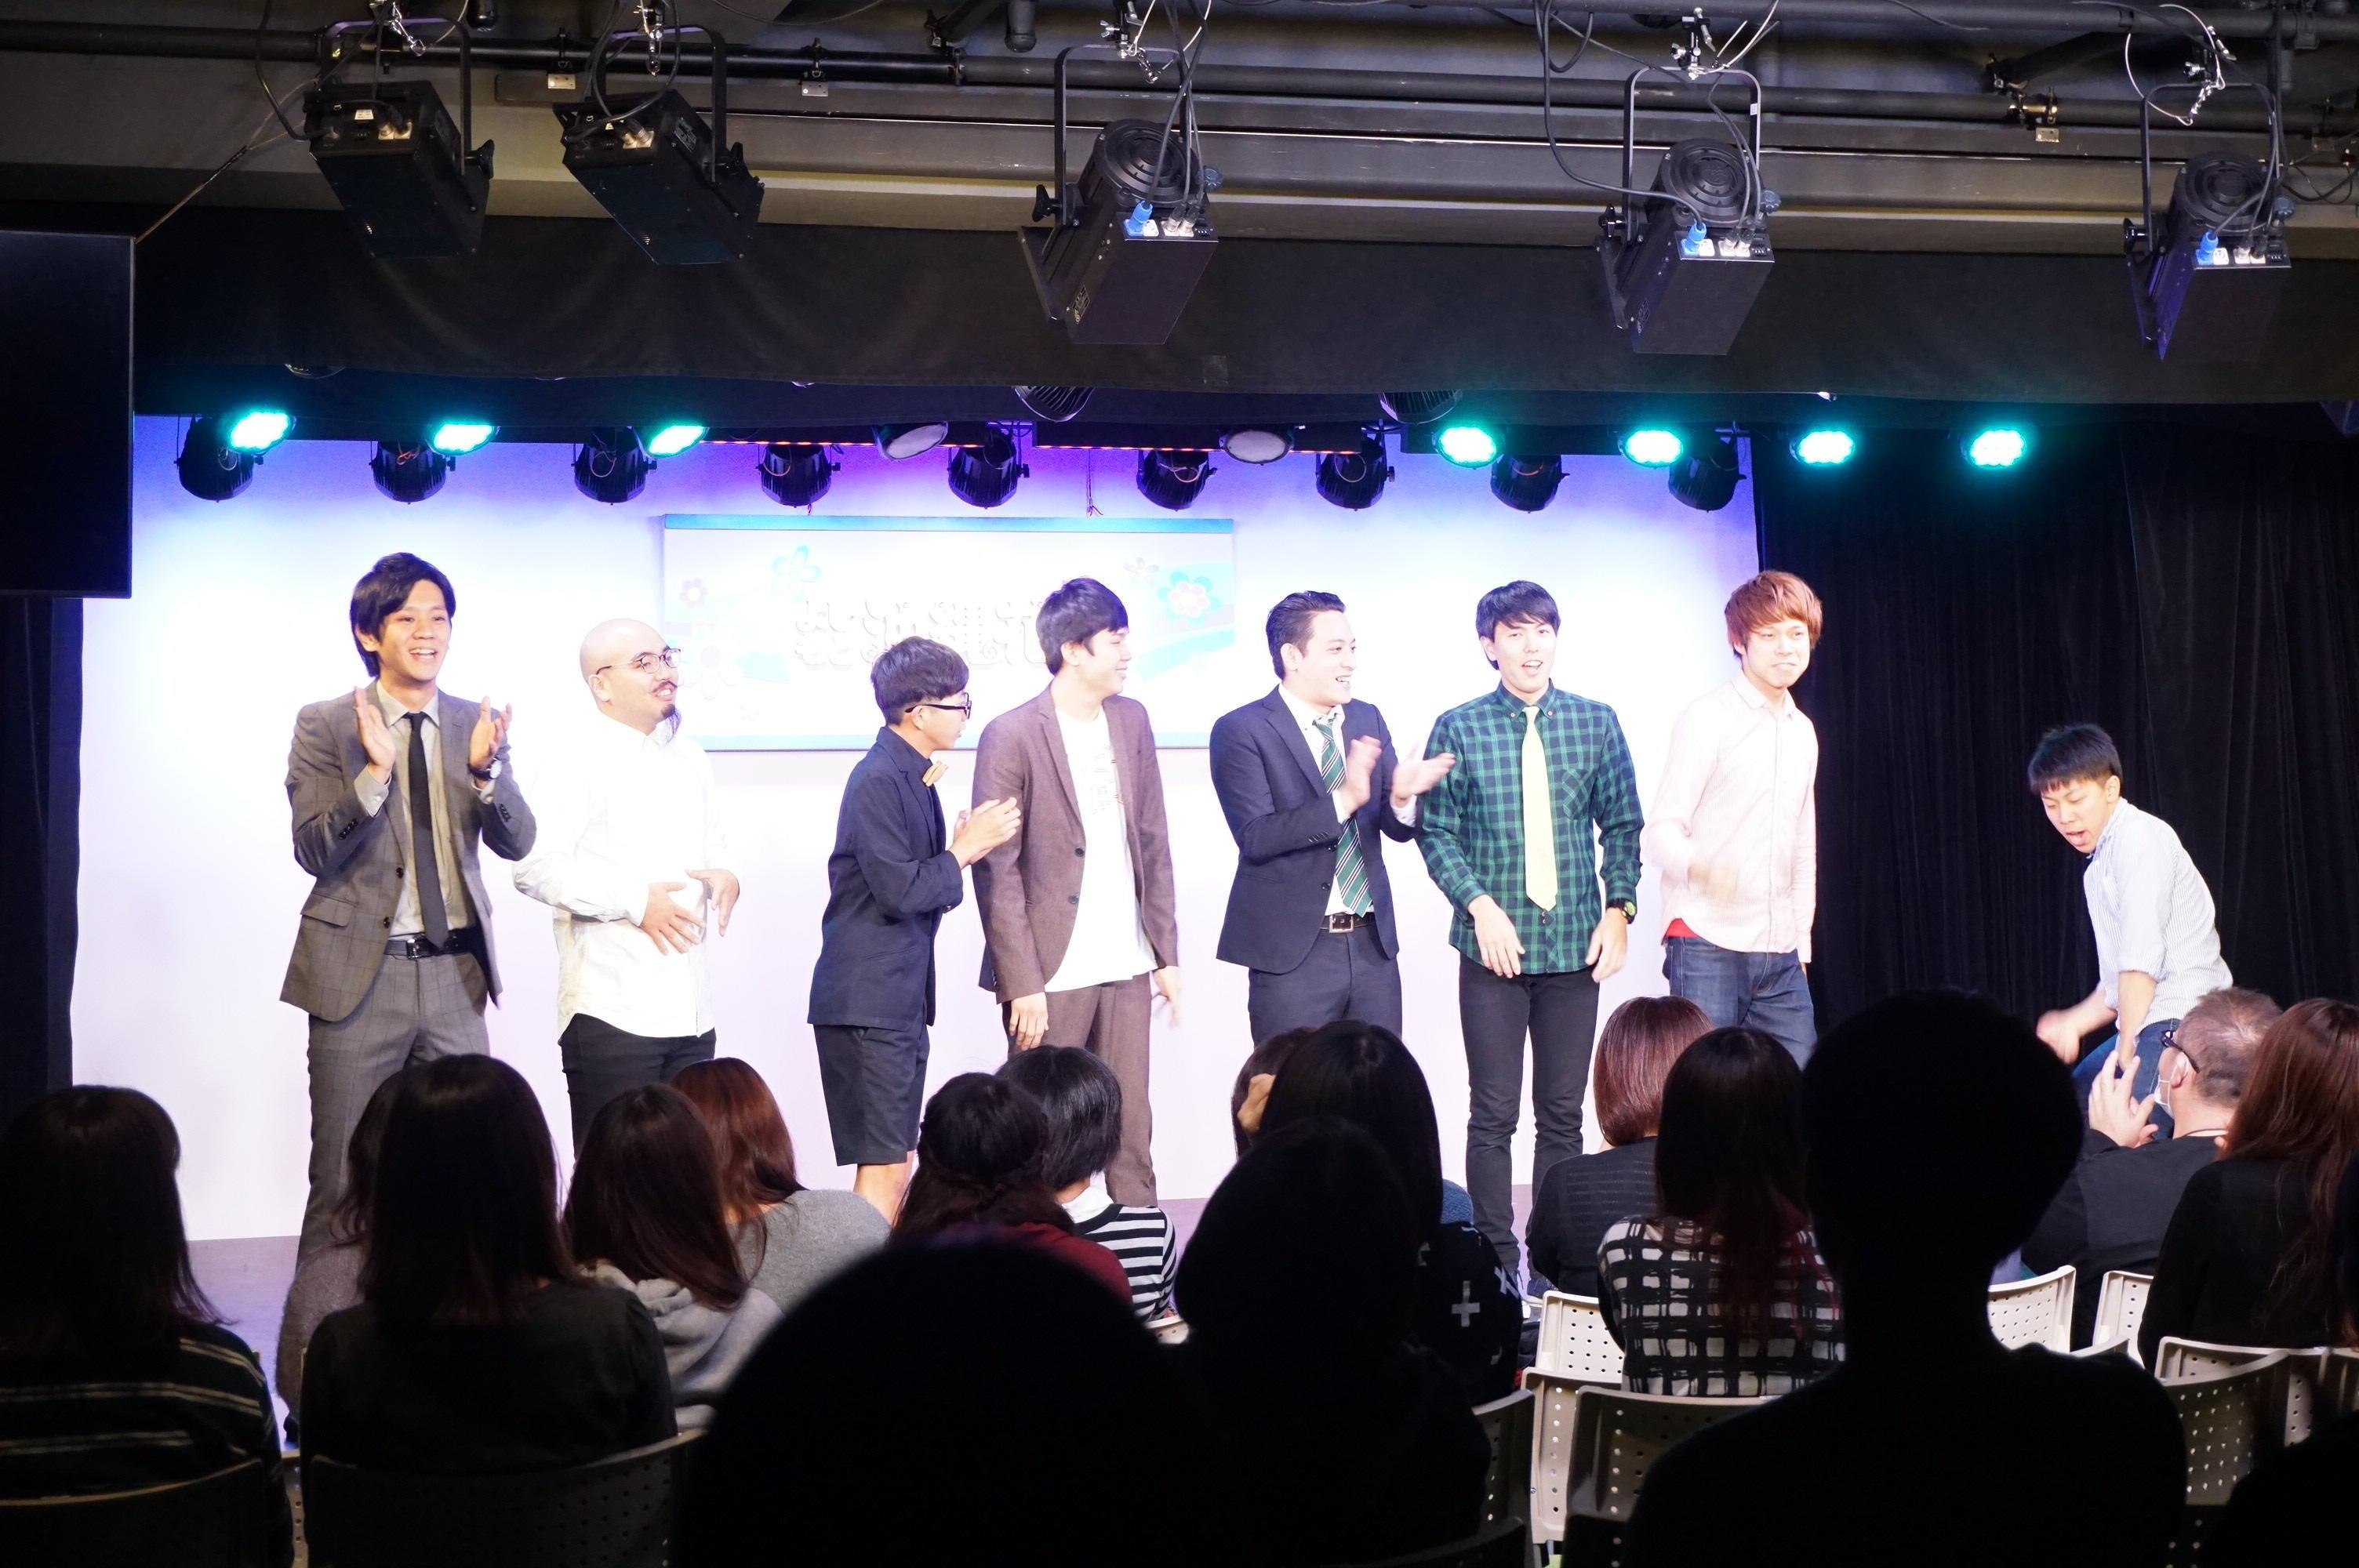 http://news.yoshimoto.co.jp/20171121163744-7cb52c97a72cf5f30f65eadd67aaf0f55e244ed4.jpg